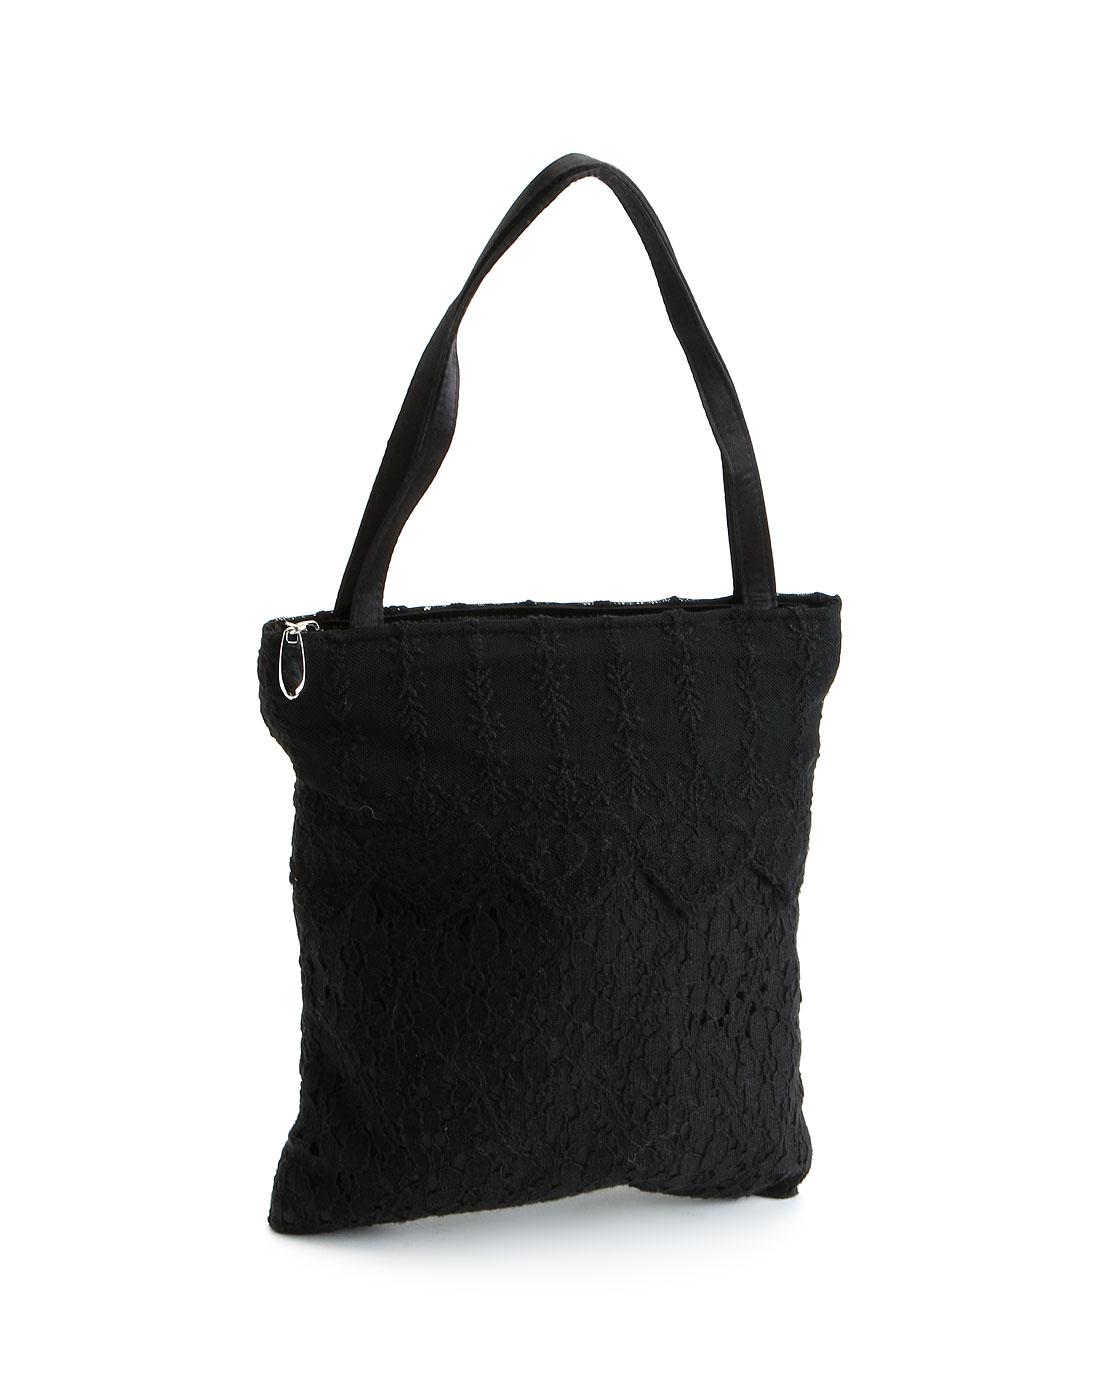 女款黑色镂空花布小手提包